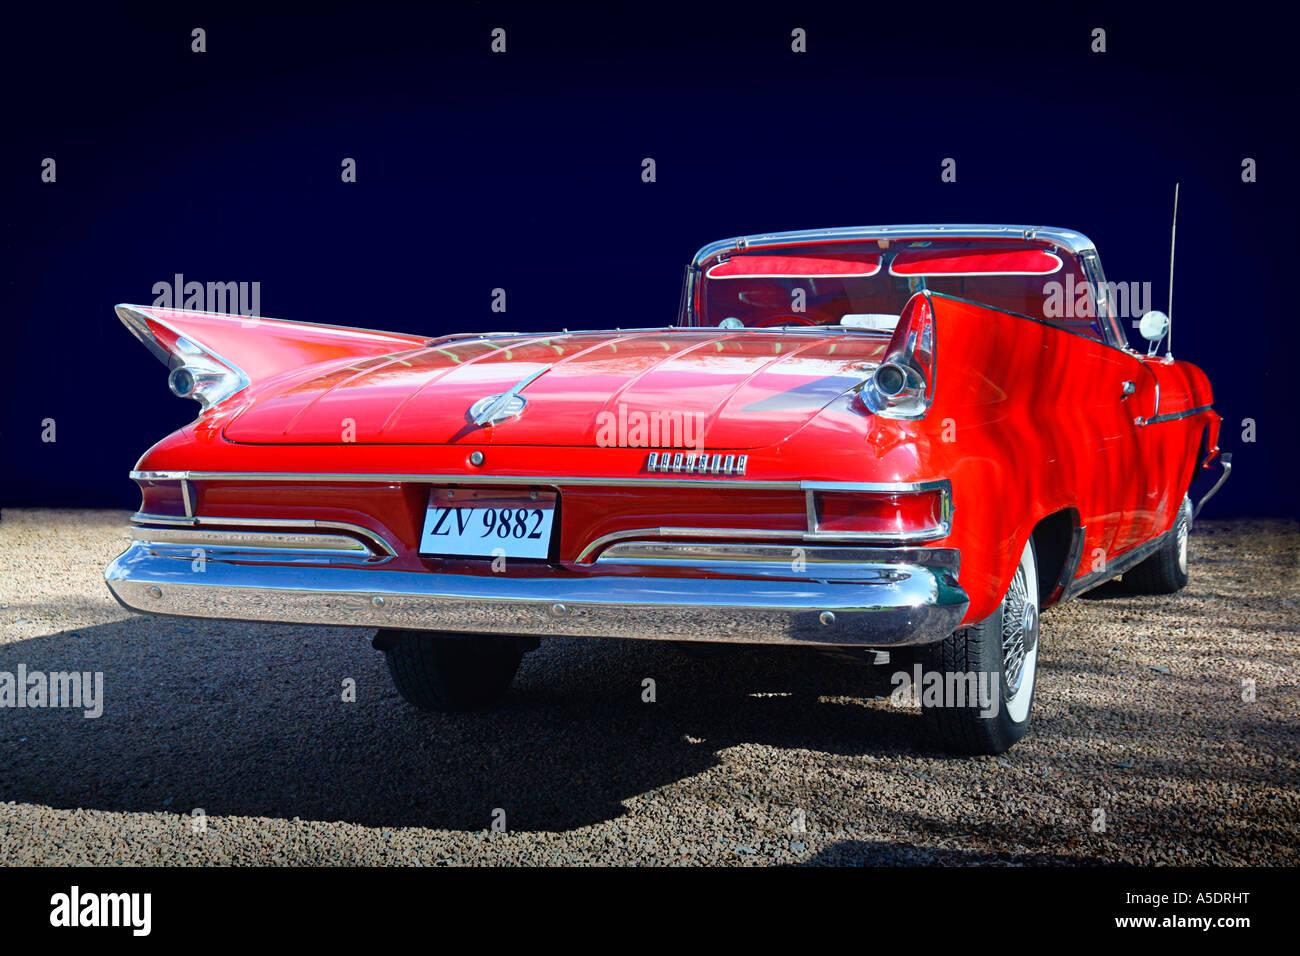 Chrysler2 - Stock Image